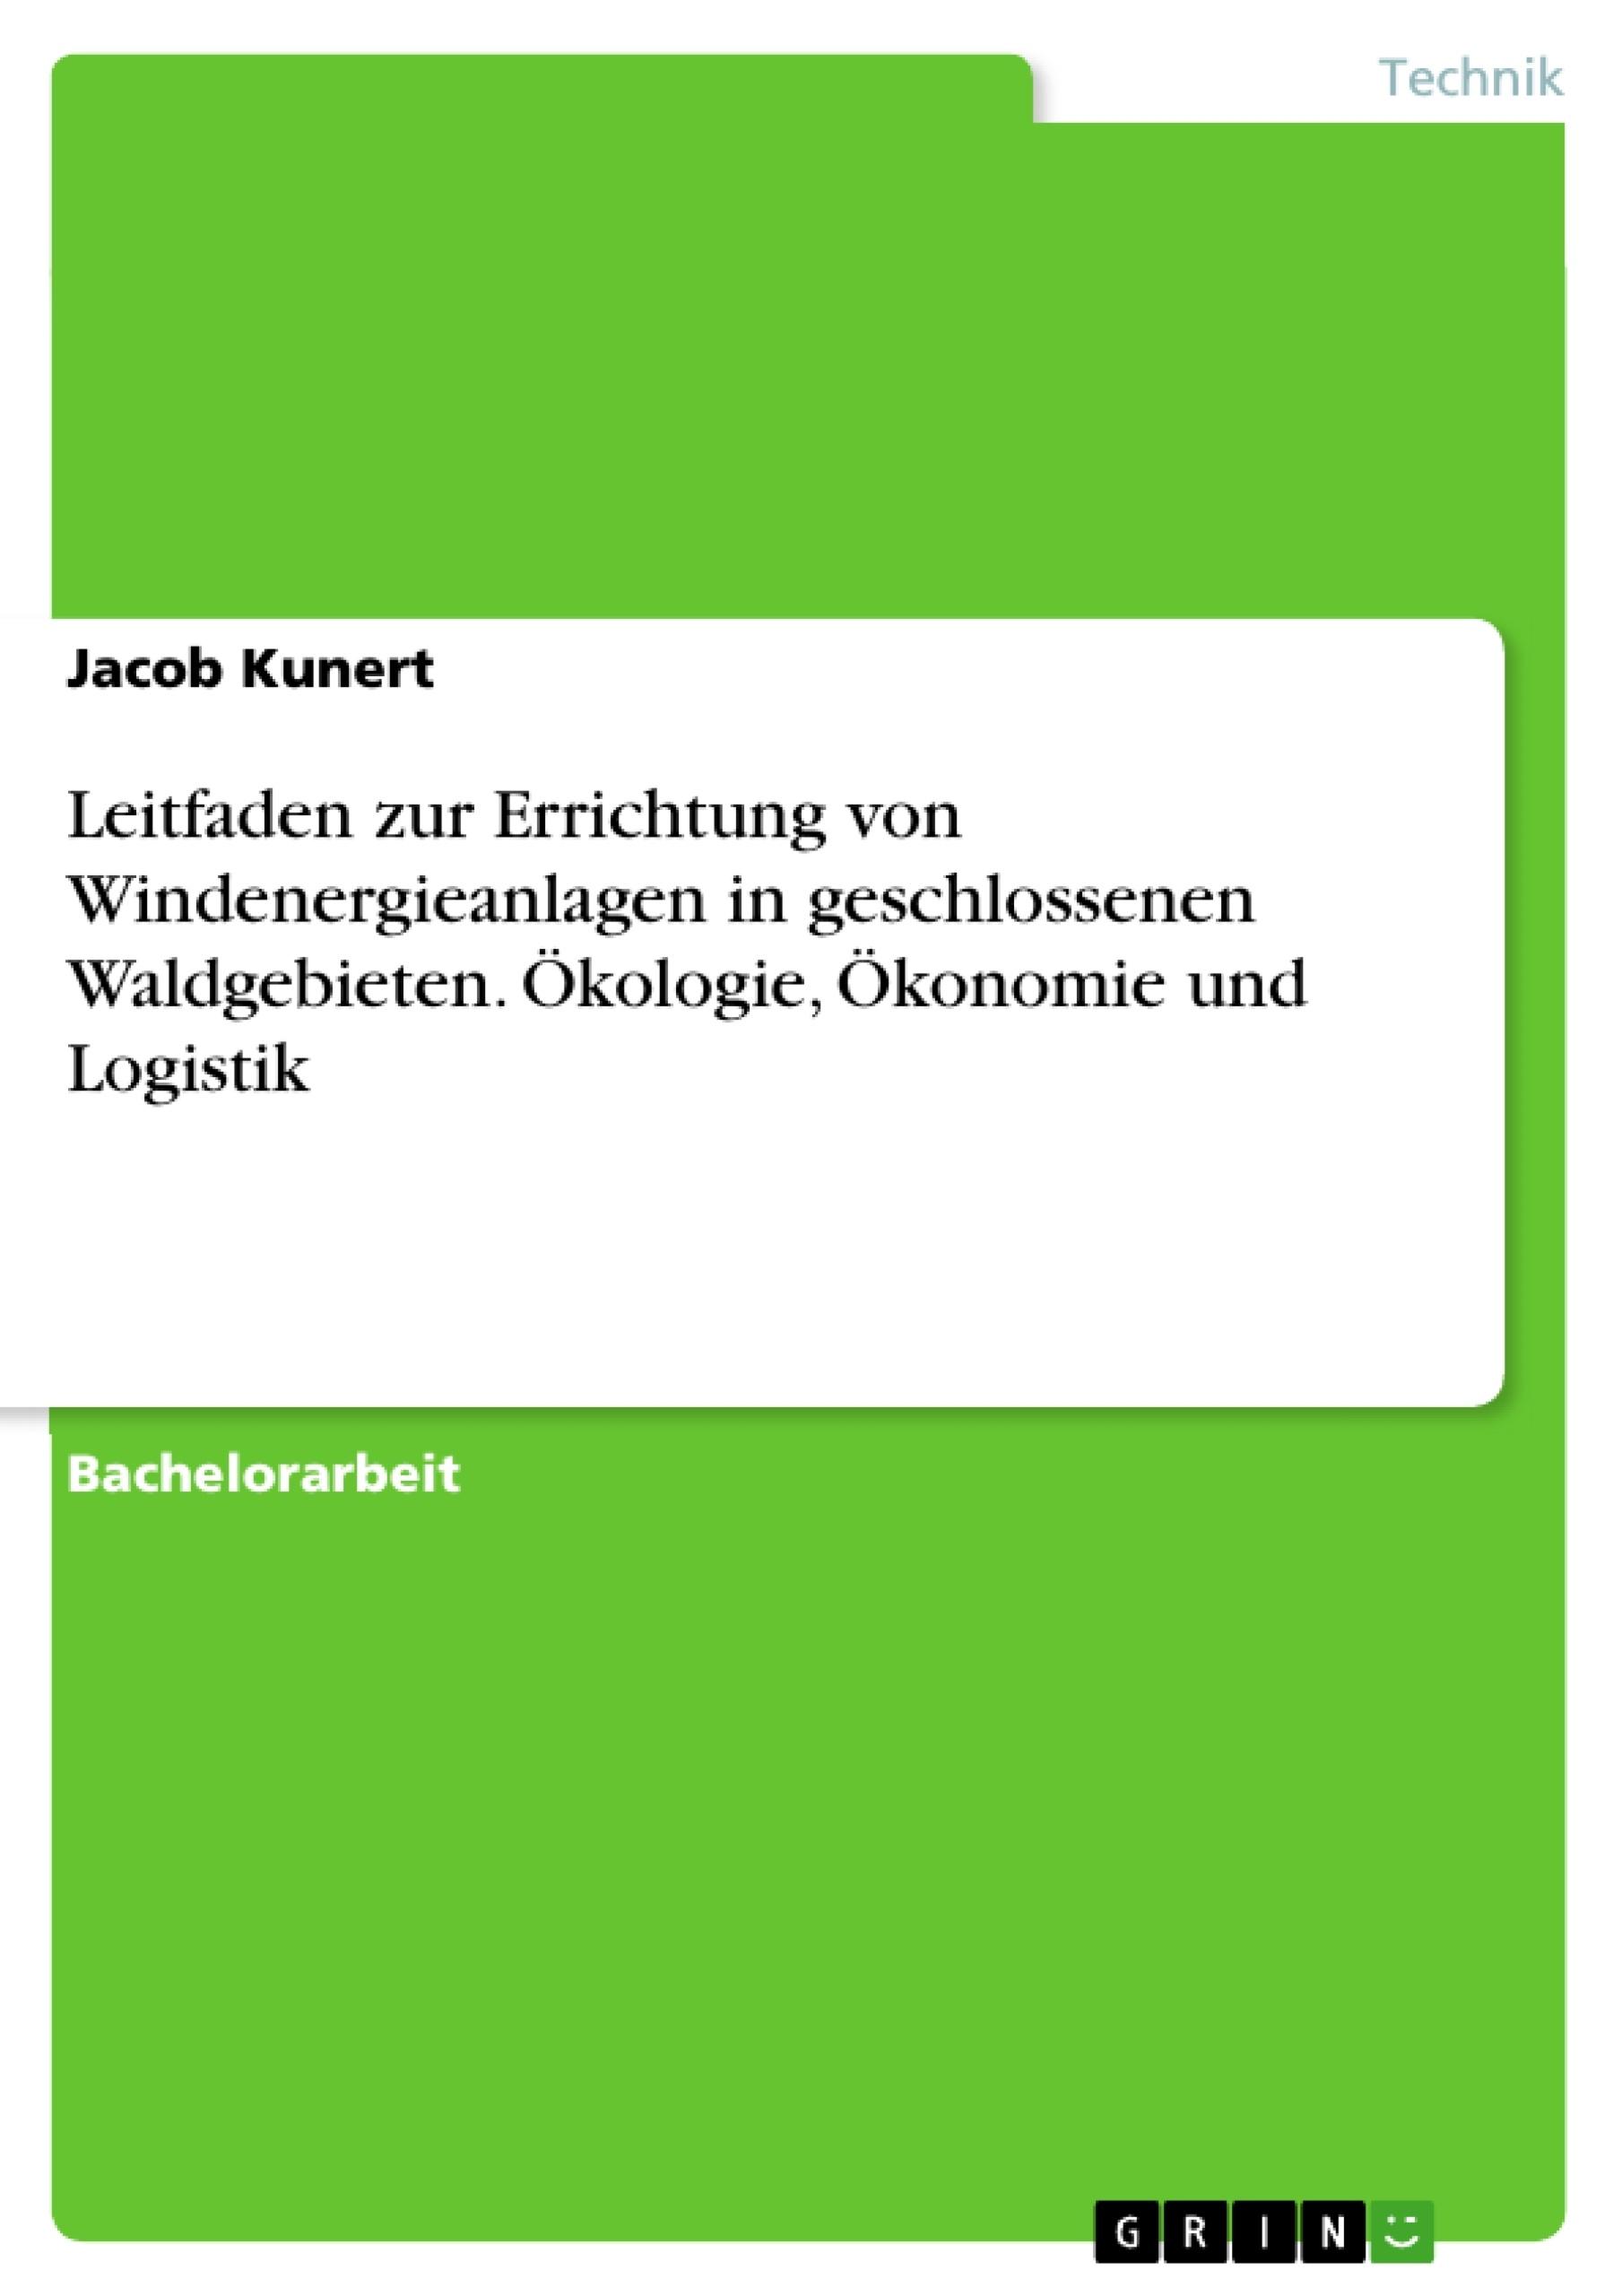 Titel: Leitfaden zur Errichtung von Windenergieanlagen in geschlossenen Waldgebieten. Ökologie, Ökonomie und Logistik